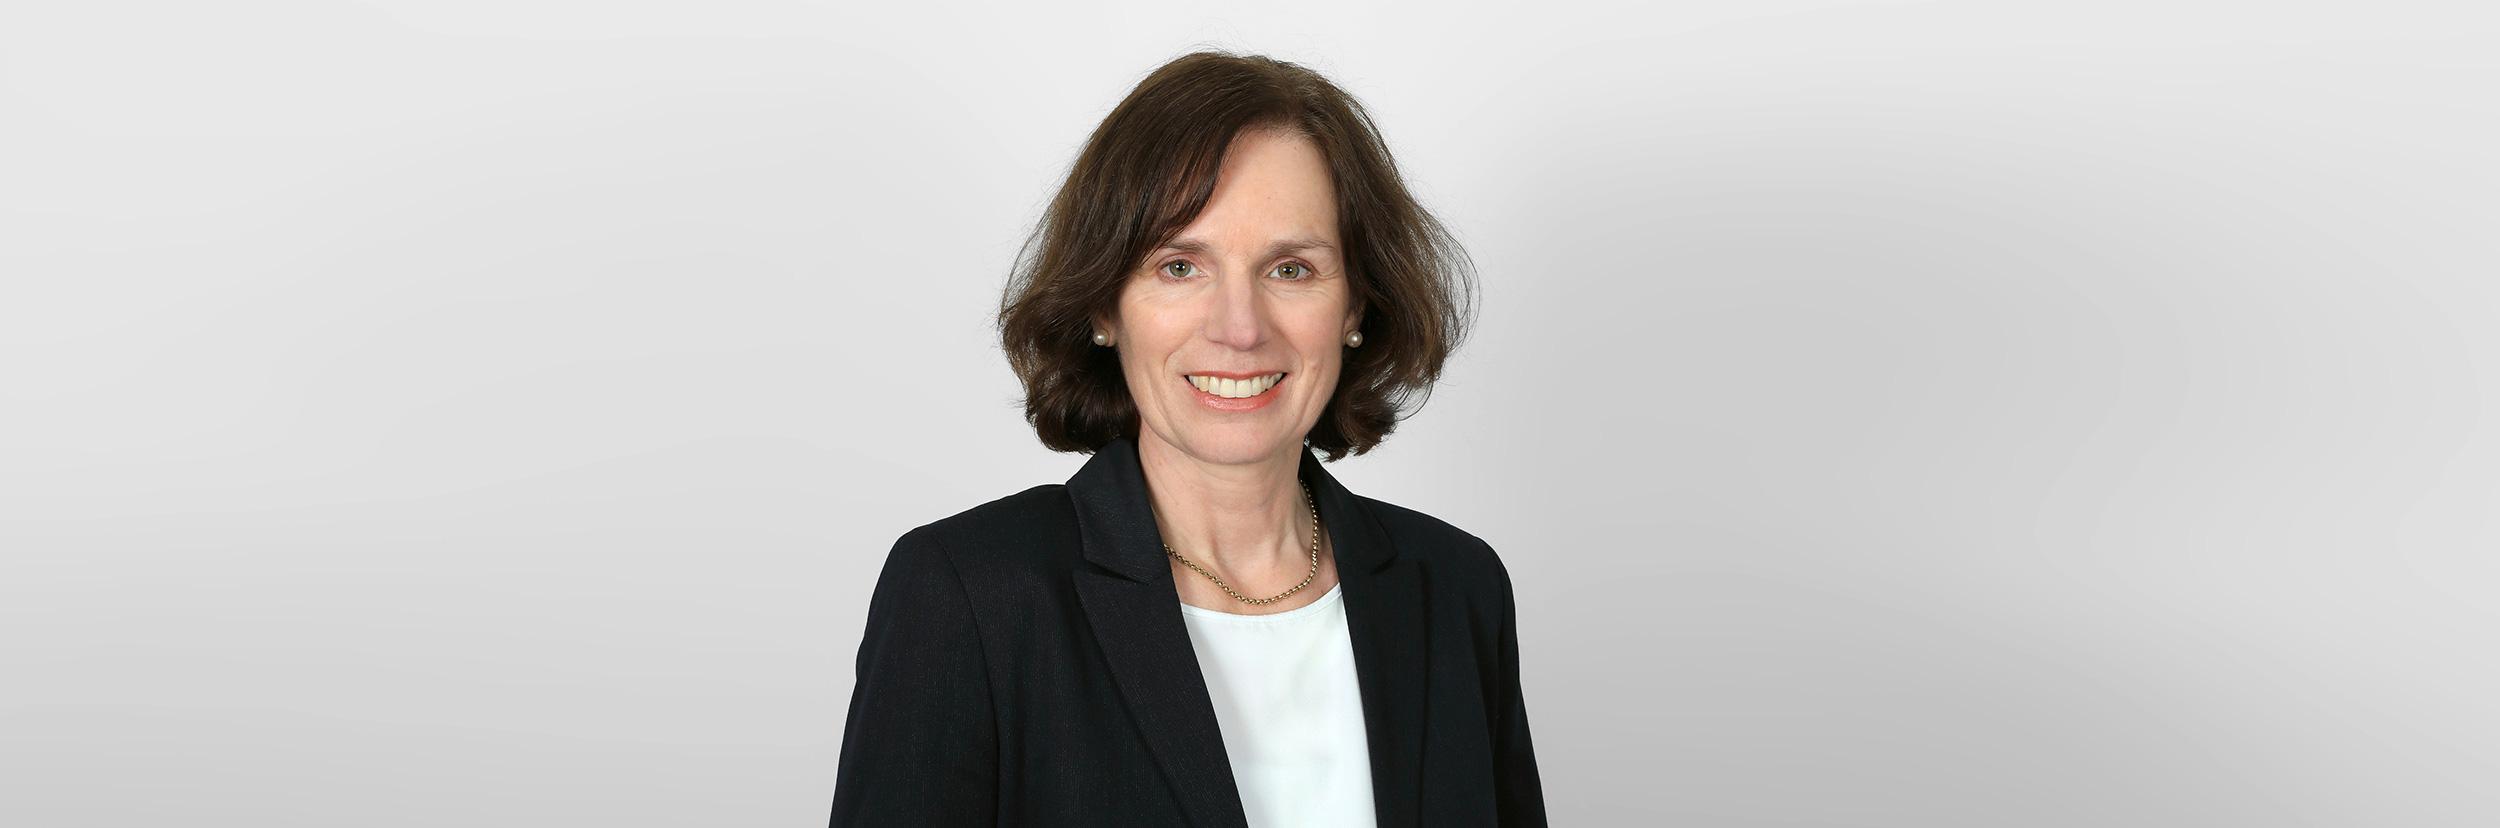 Advoteam Rechtsanwältin Andrea Wennemann Kalvari